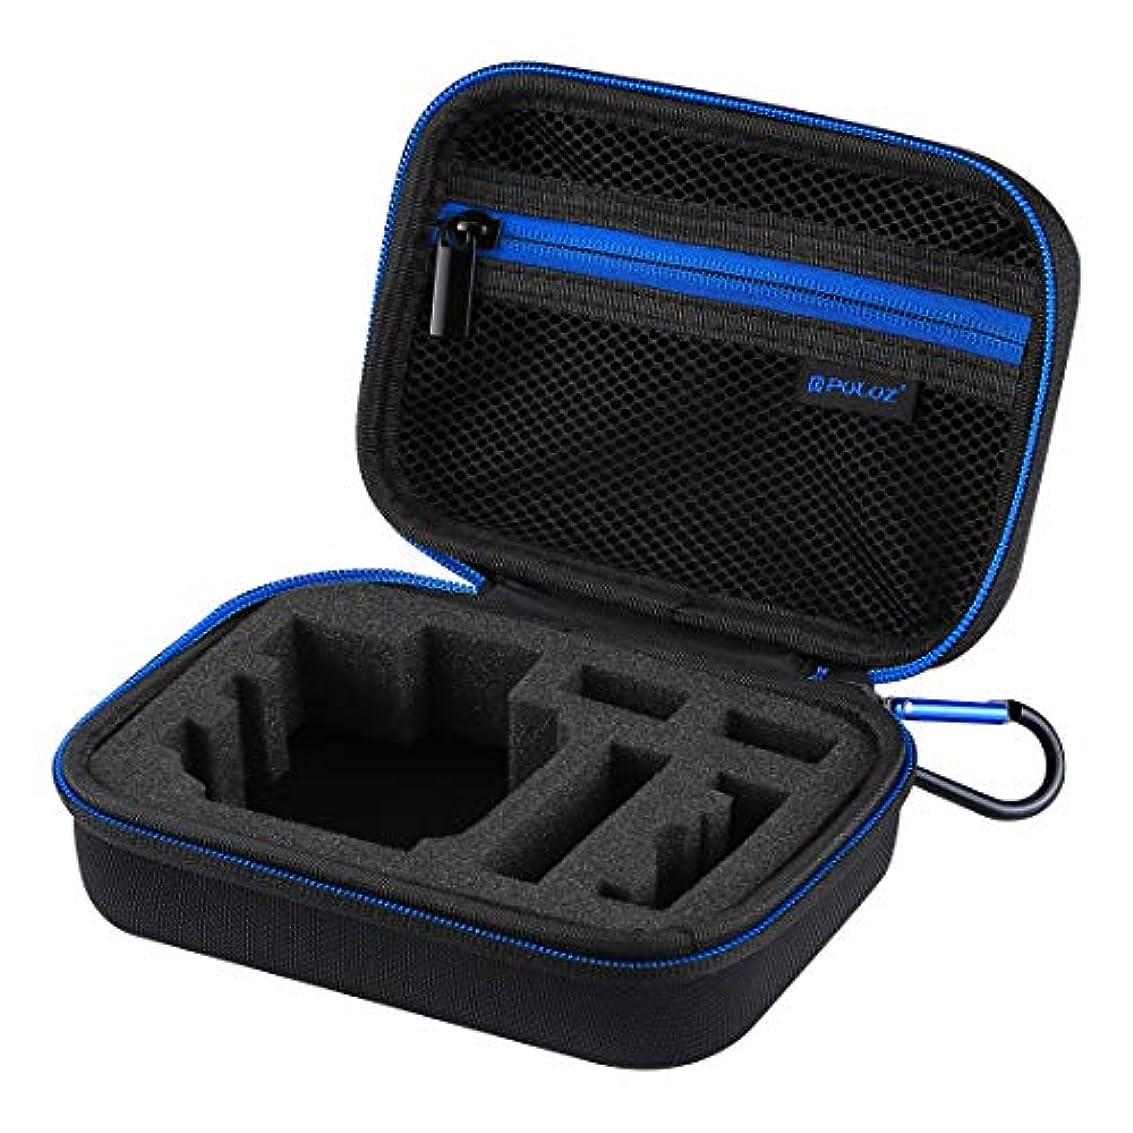 議題ページ鉄RAOFEIJP カメラ保護ケース 耐衝撃保護ケース 防水キャリングケース、GoPro HERO6 / 5/4セッション/ 4/3 + / 3/2/1、 U6000およびその他スポーツ用アクセサリ、小型サイズ:16cm x 12cm x 7cm